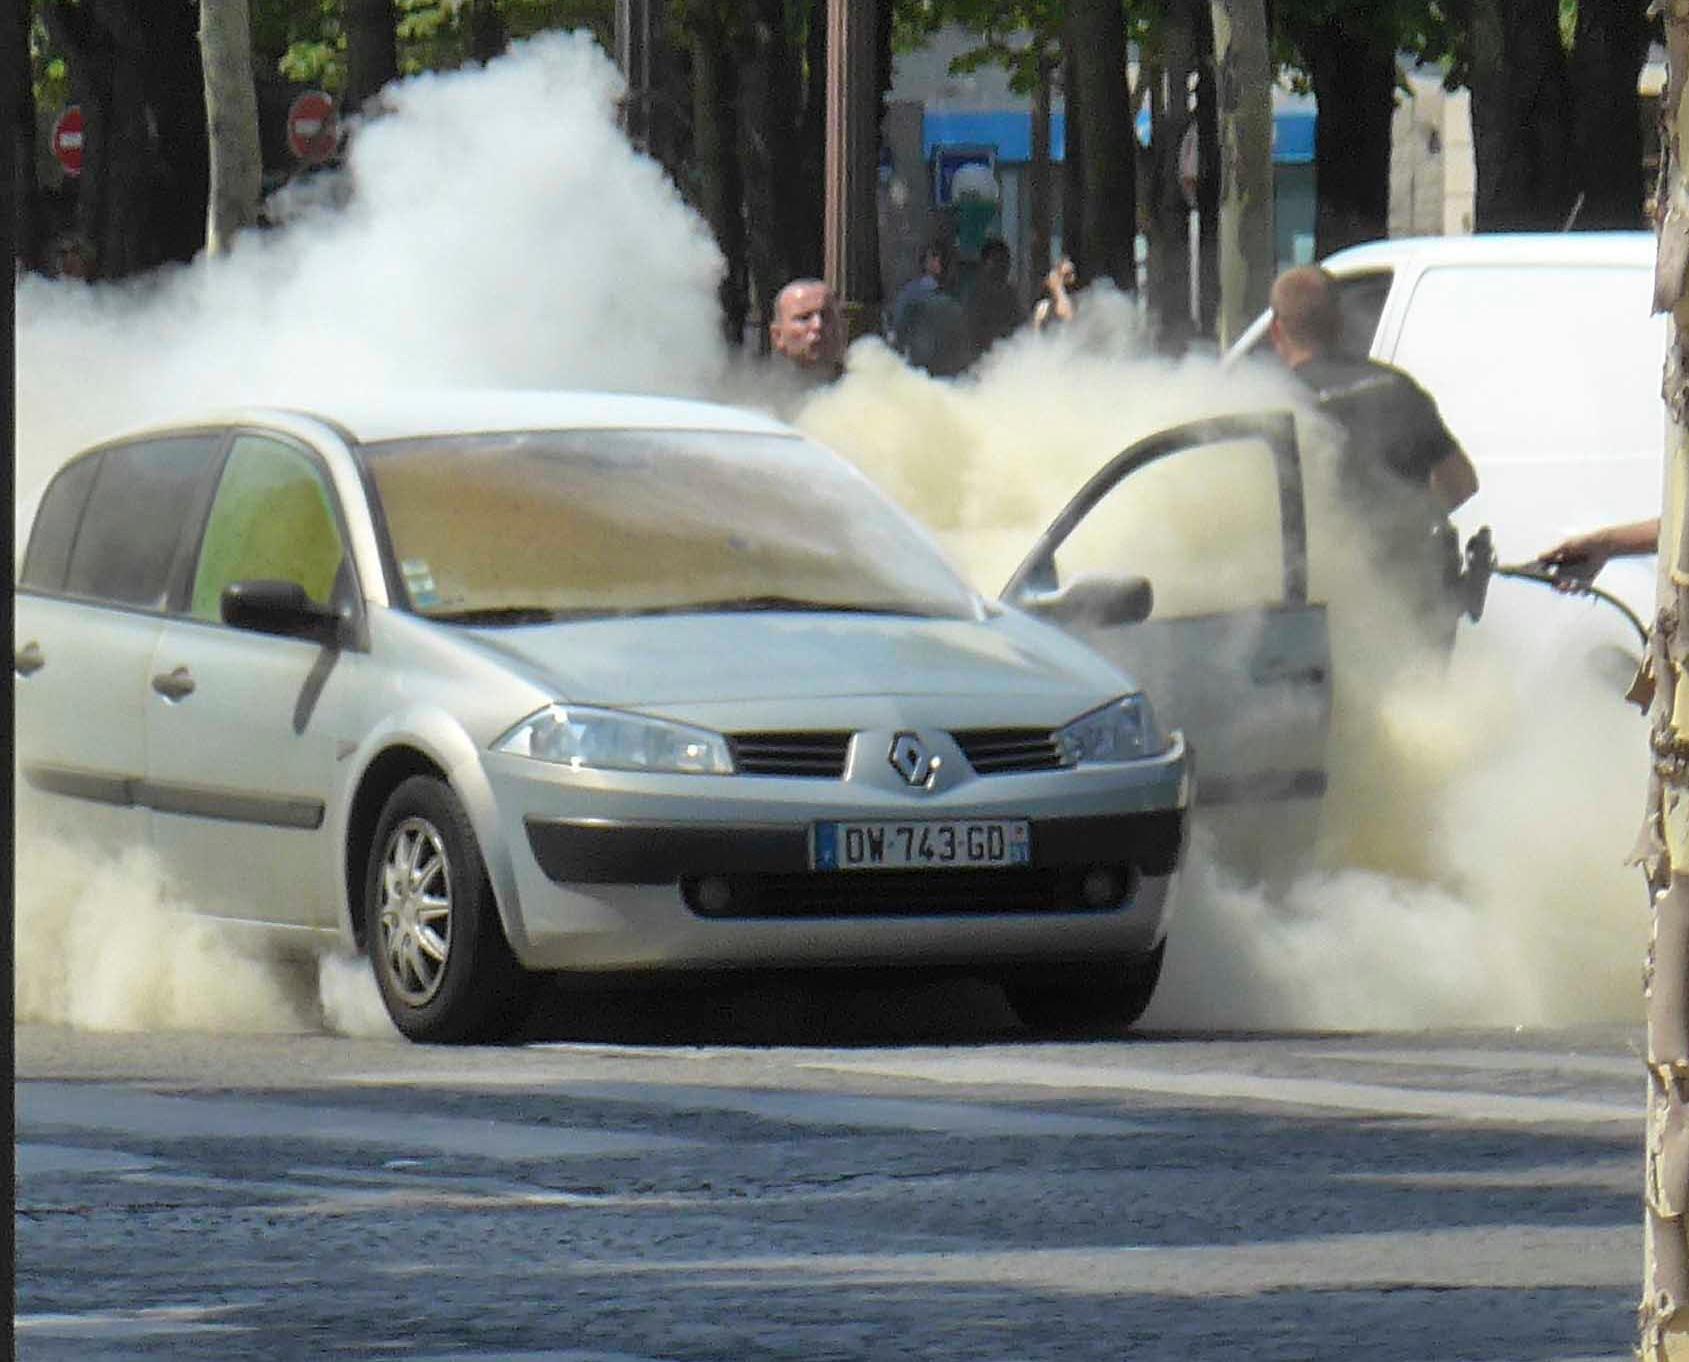 巴黎汽車撞警車襲擊者死亡